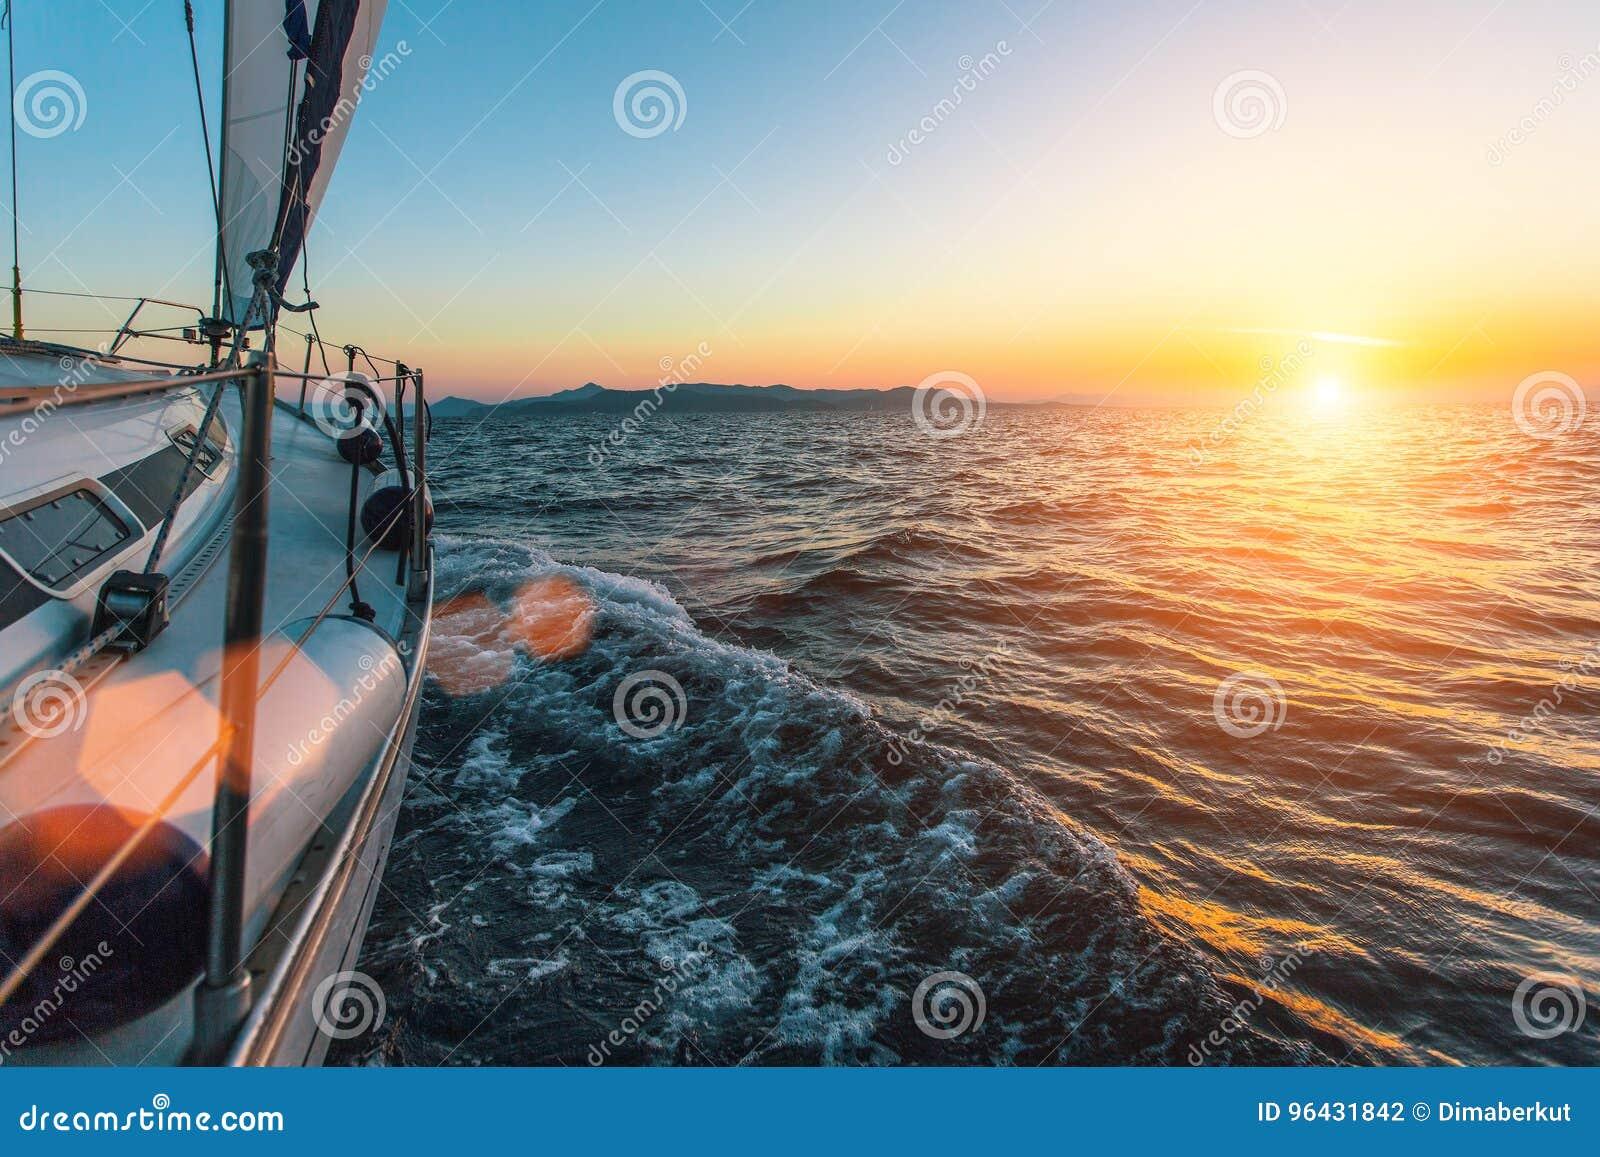 Bateau de luxe de yacht de bateau de navigation en mer Égée pendant le beau coucher du soleil nature